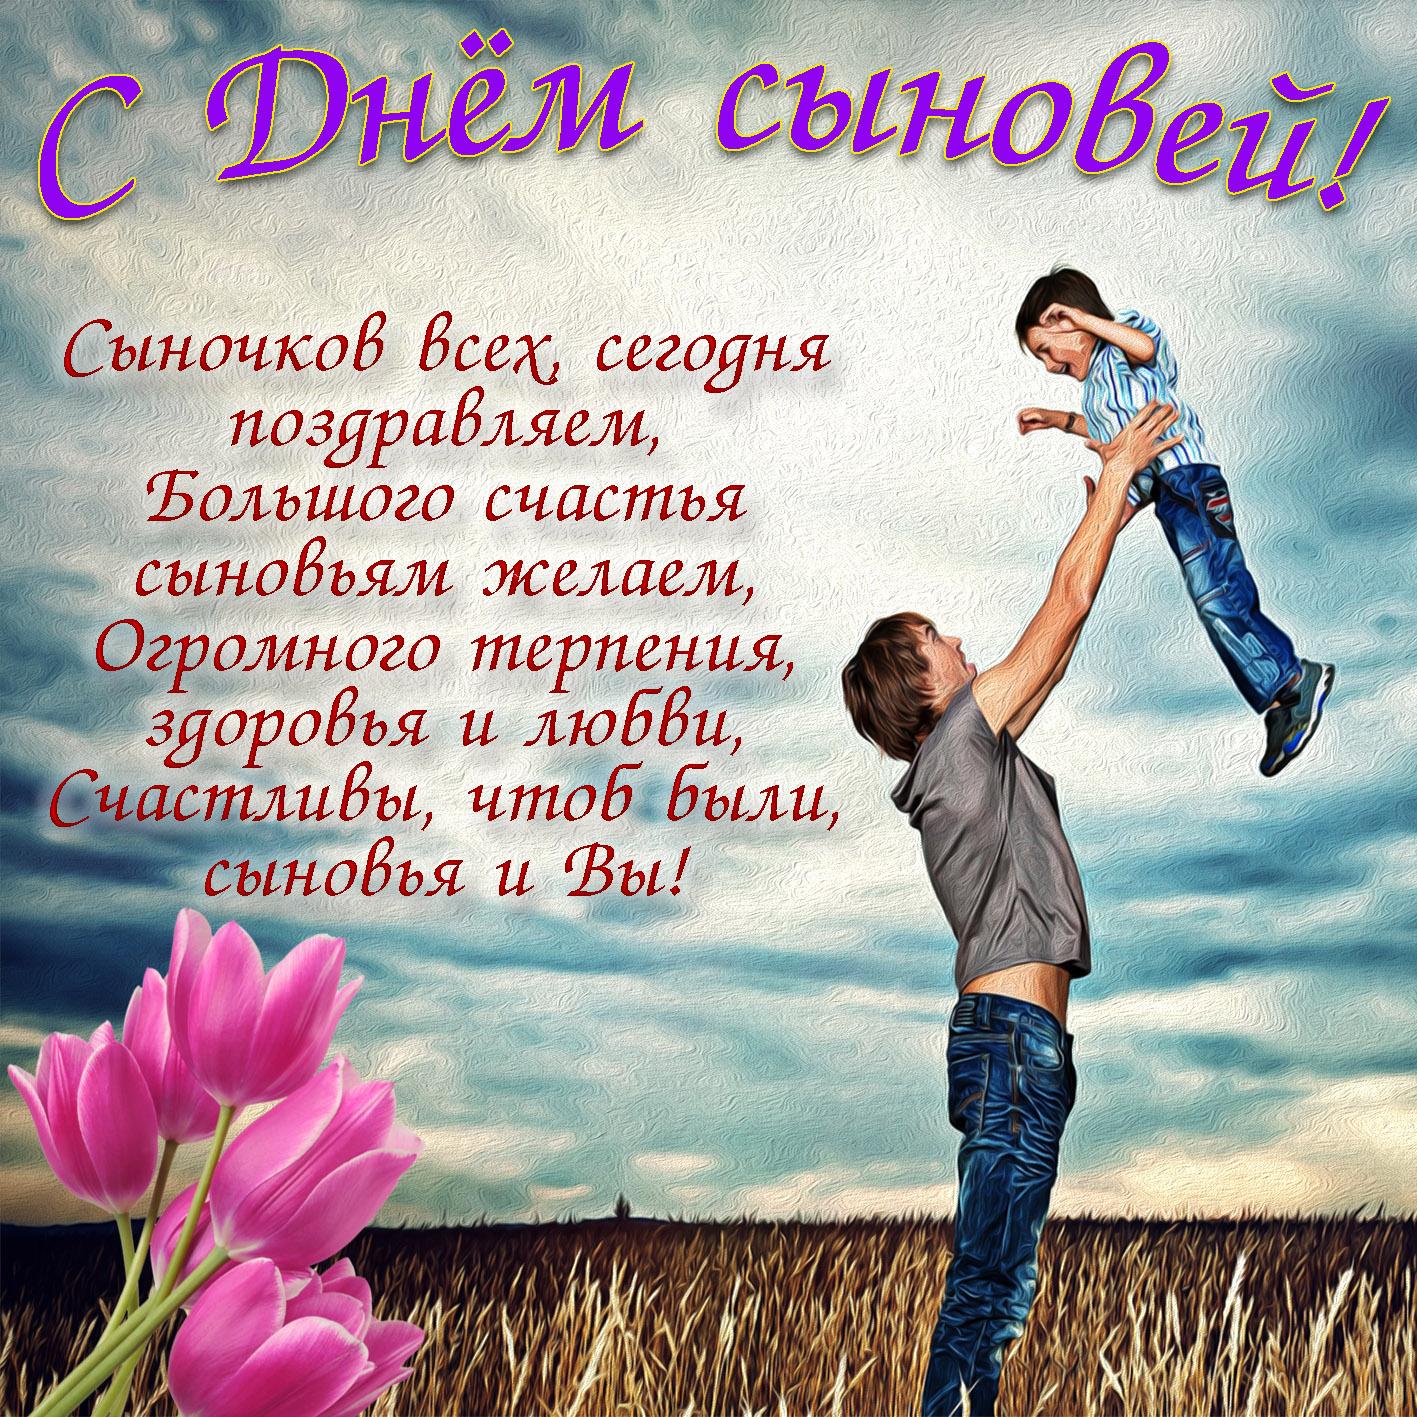 Поздравление открытка с днем сыновей, днем